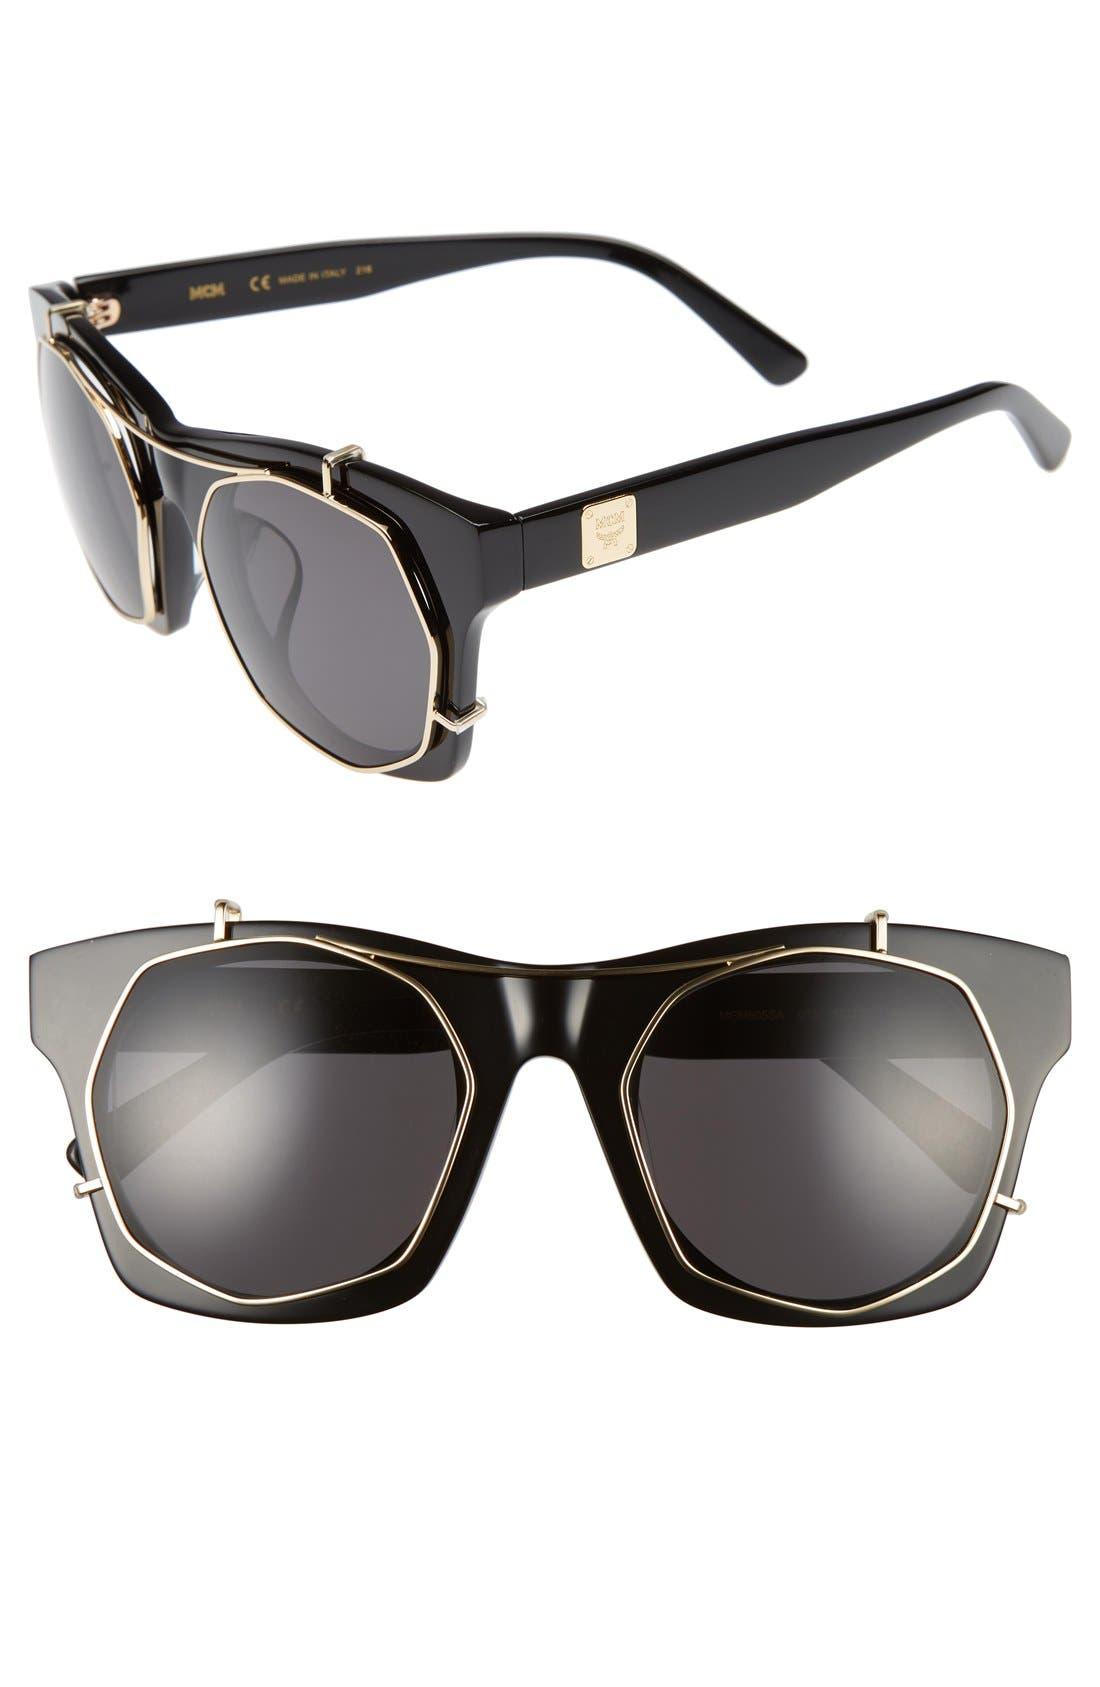 MCM 50mm Retro Sunglasses